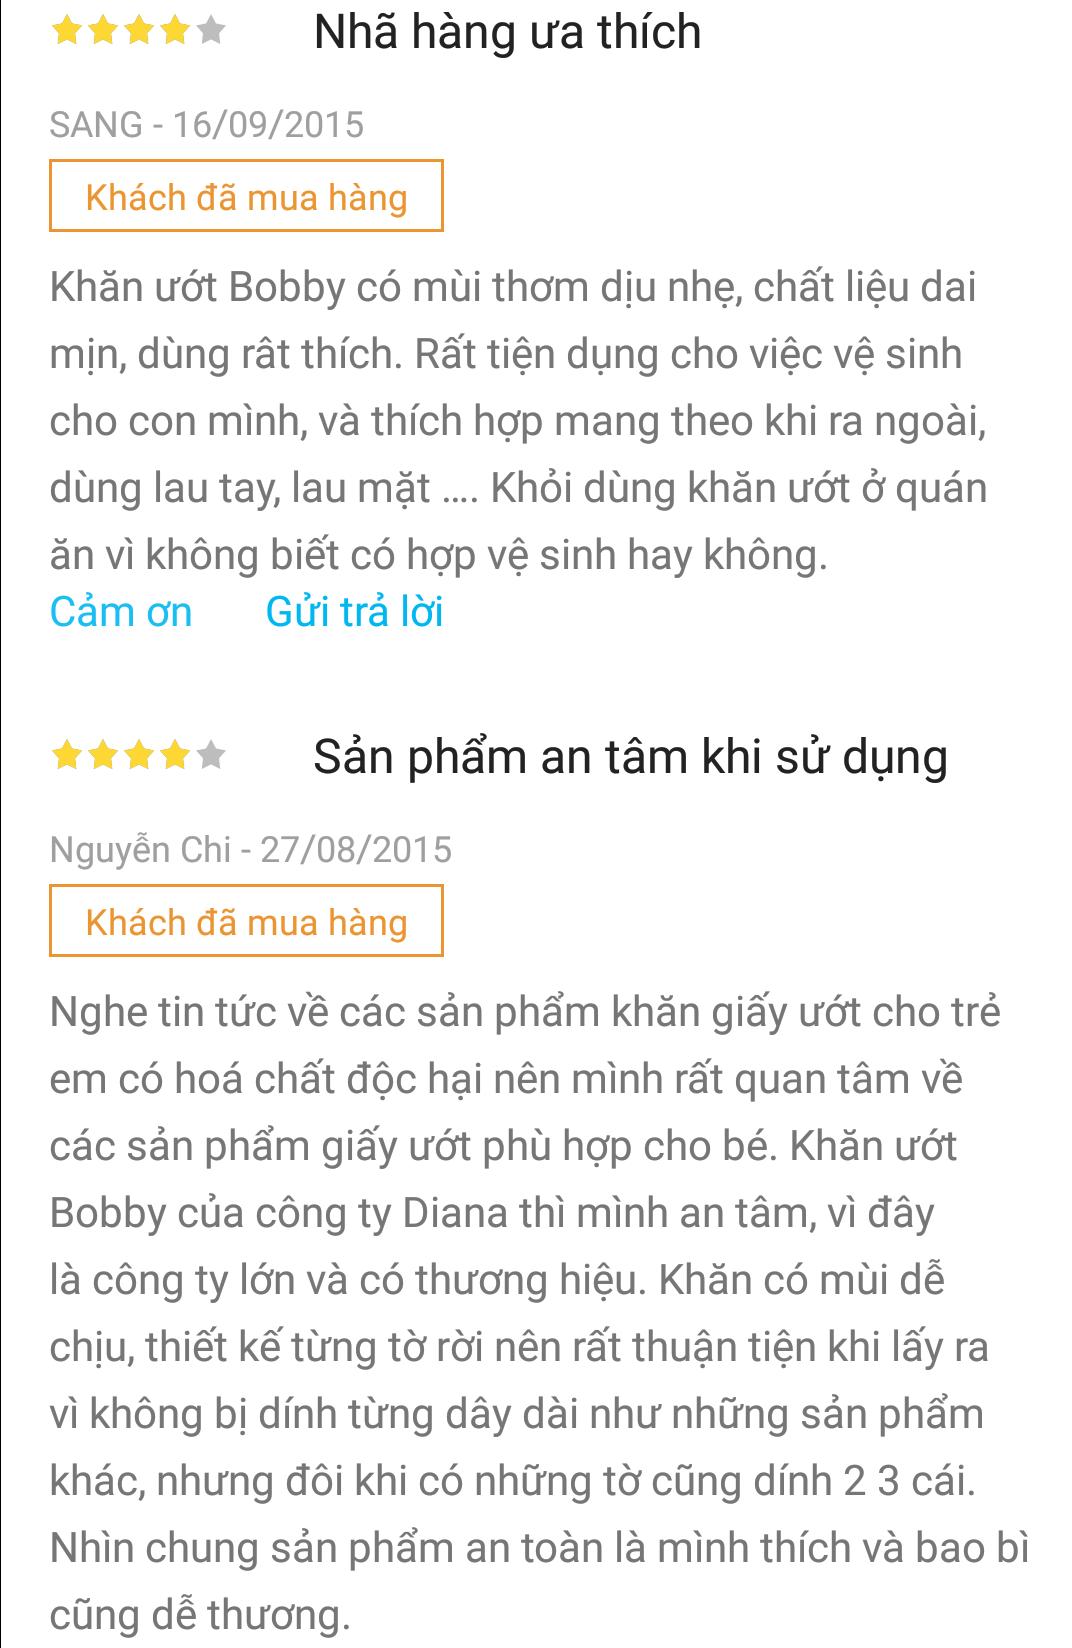 Khác hàng đánh giá sản phẩm trên Tiki